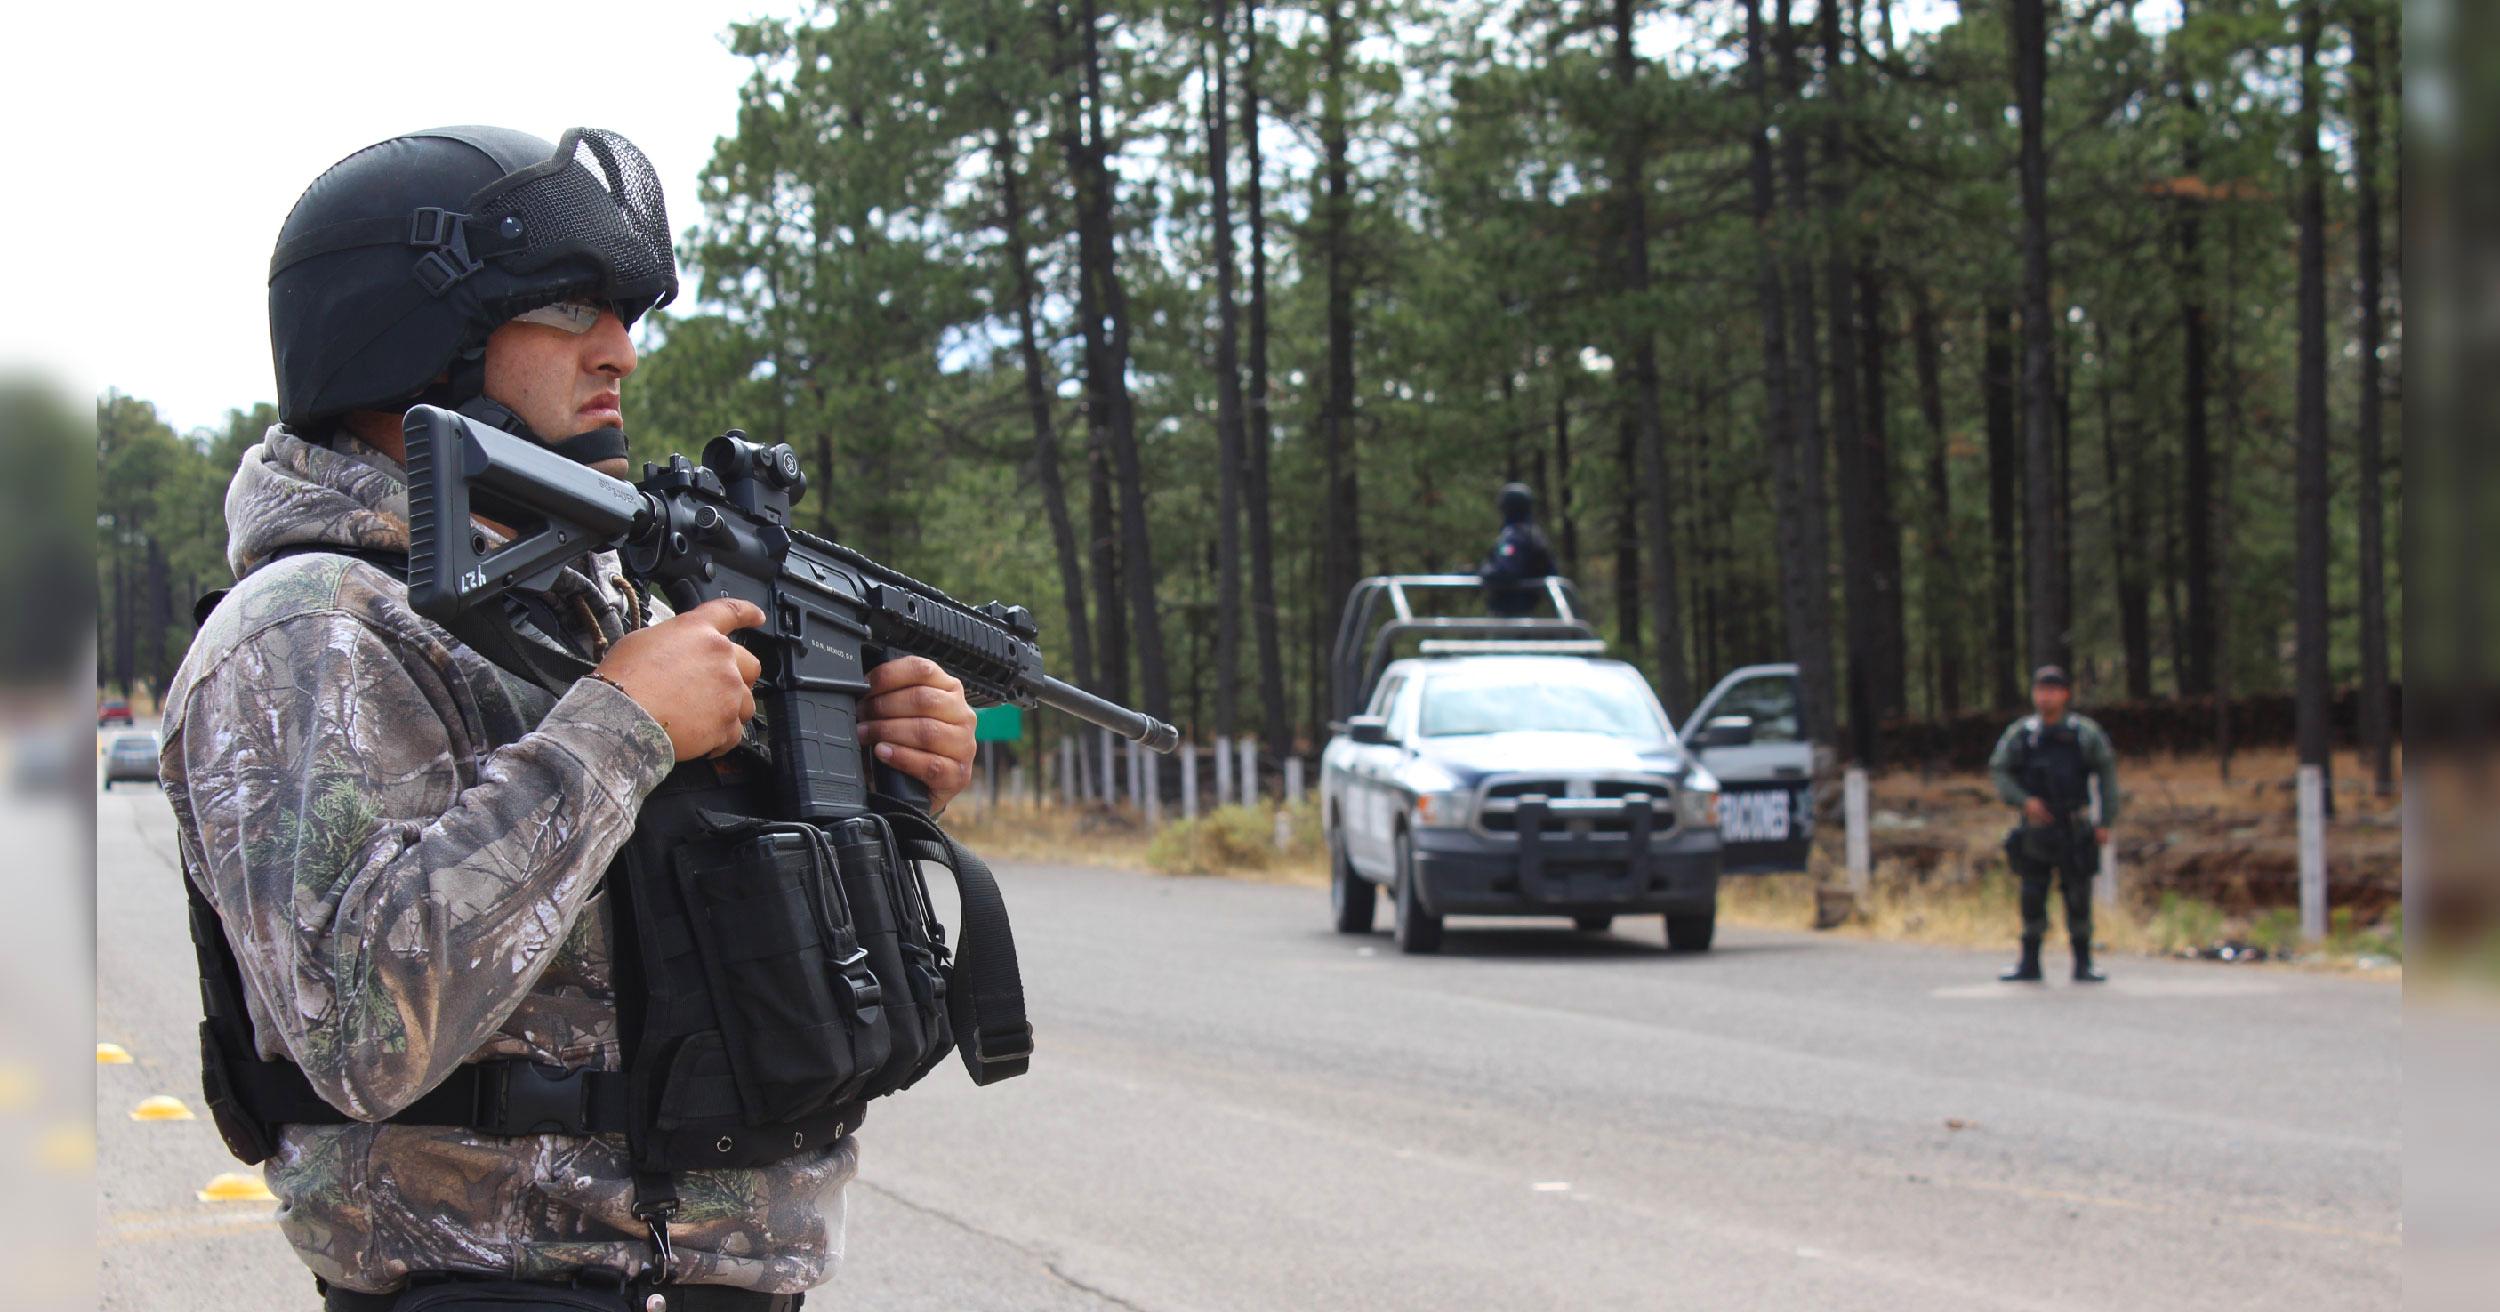 Cierran Mina de Dolores por violencia en la región de Madera